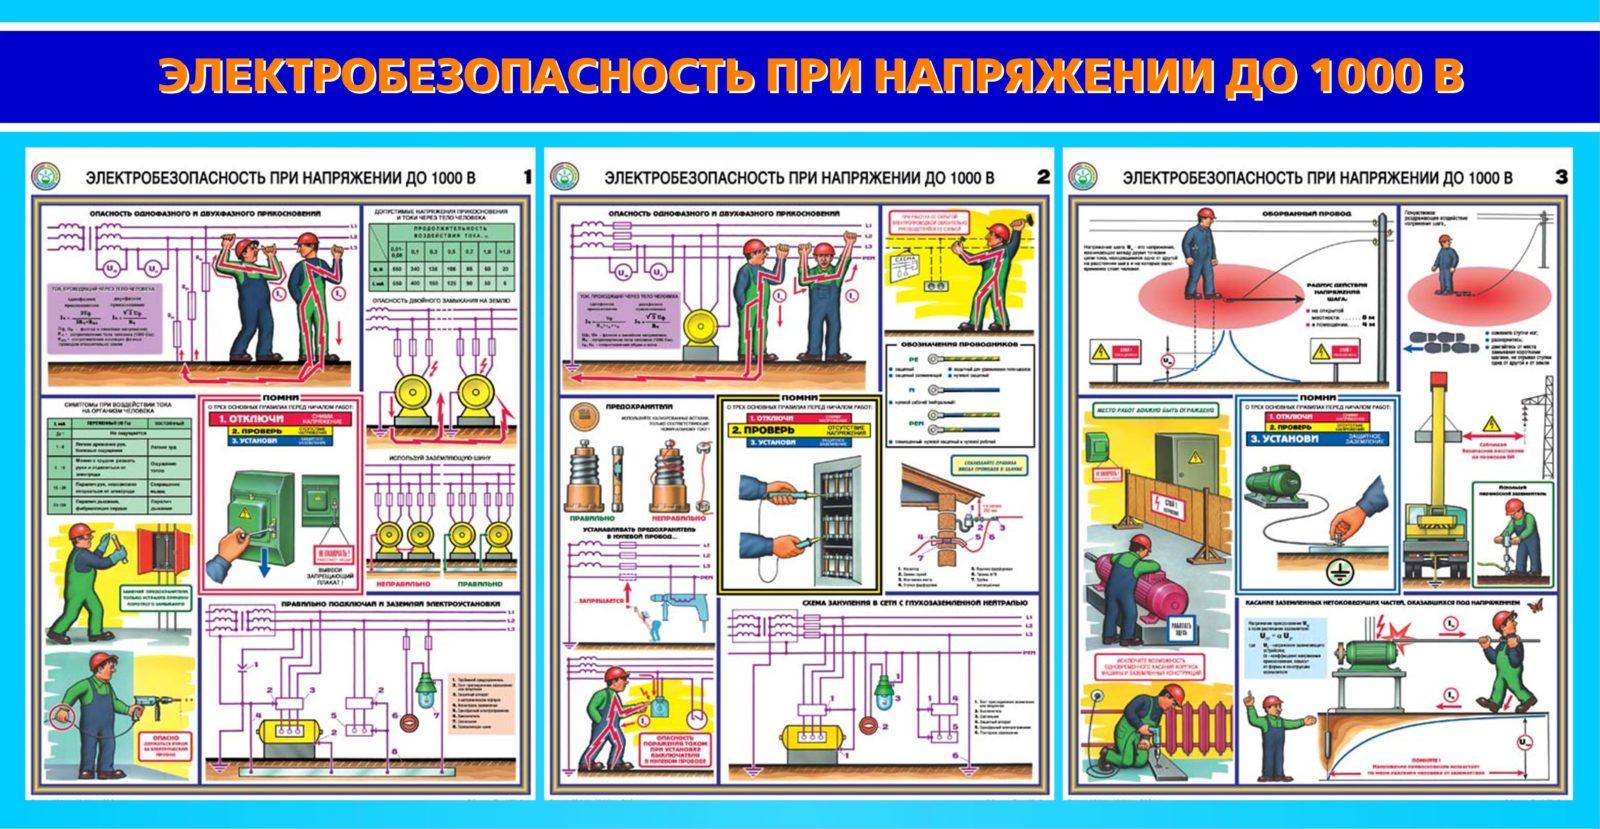 Правила электробезопасности